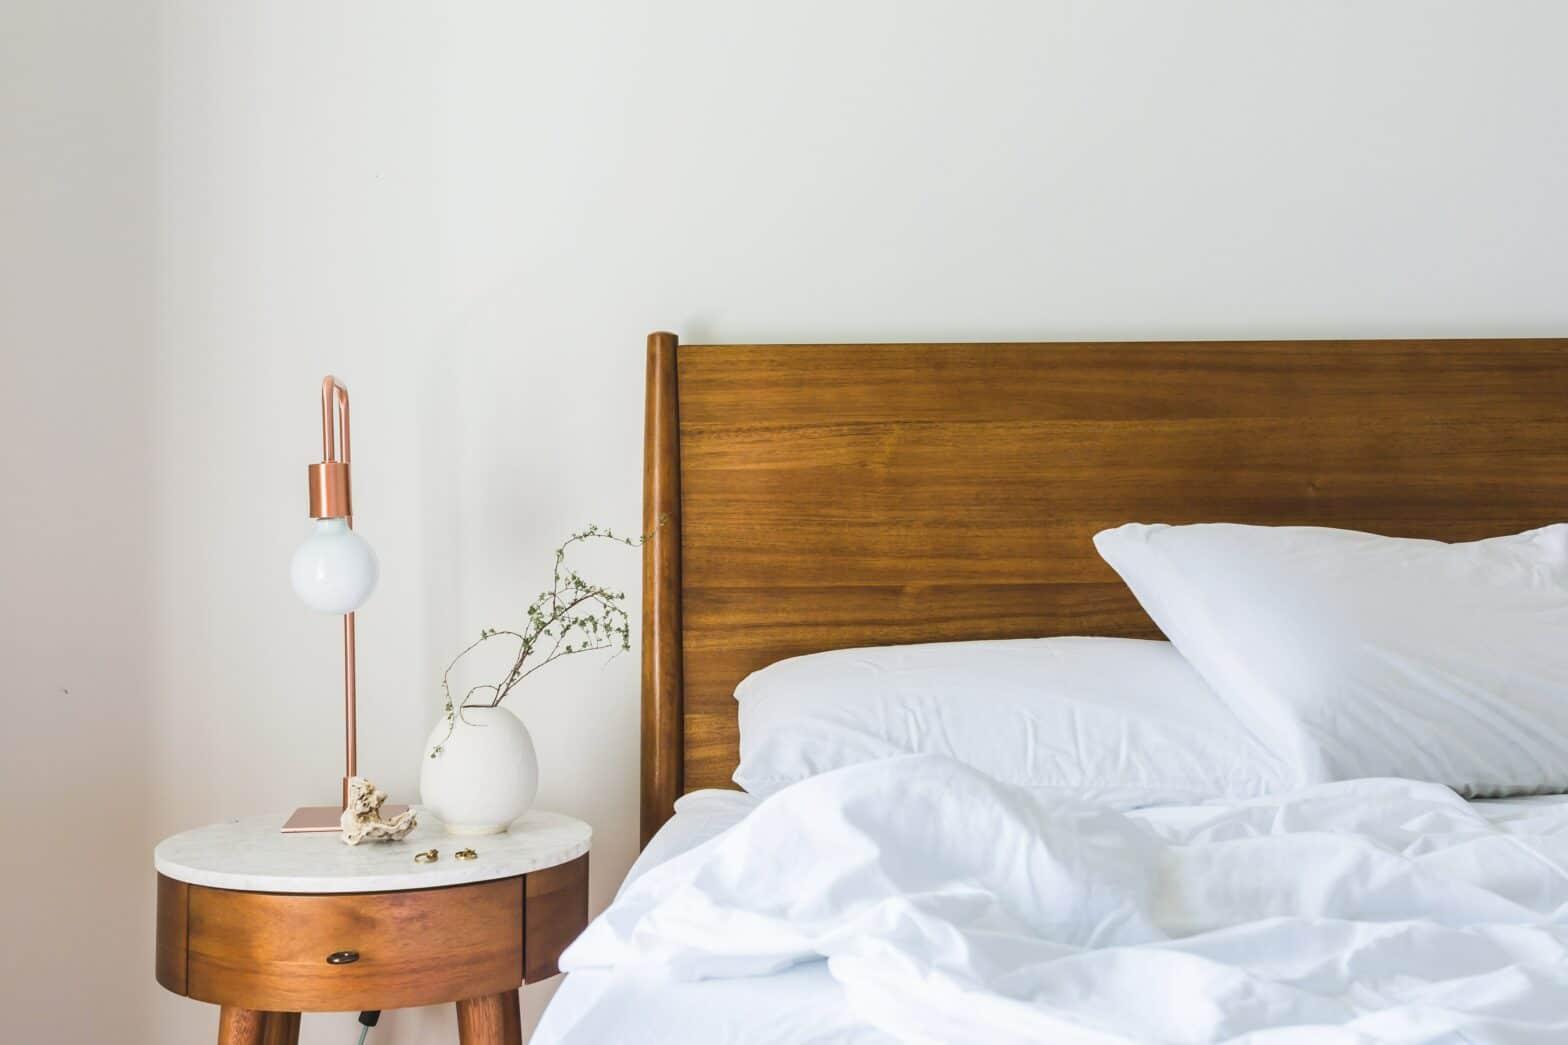 Jenkkisänky on yksi niistä sängyistä, joka sopii yleisesti ottaen jokaiselle nukkujalle, nukkumasennolle sekä vartalotyypille.